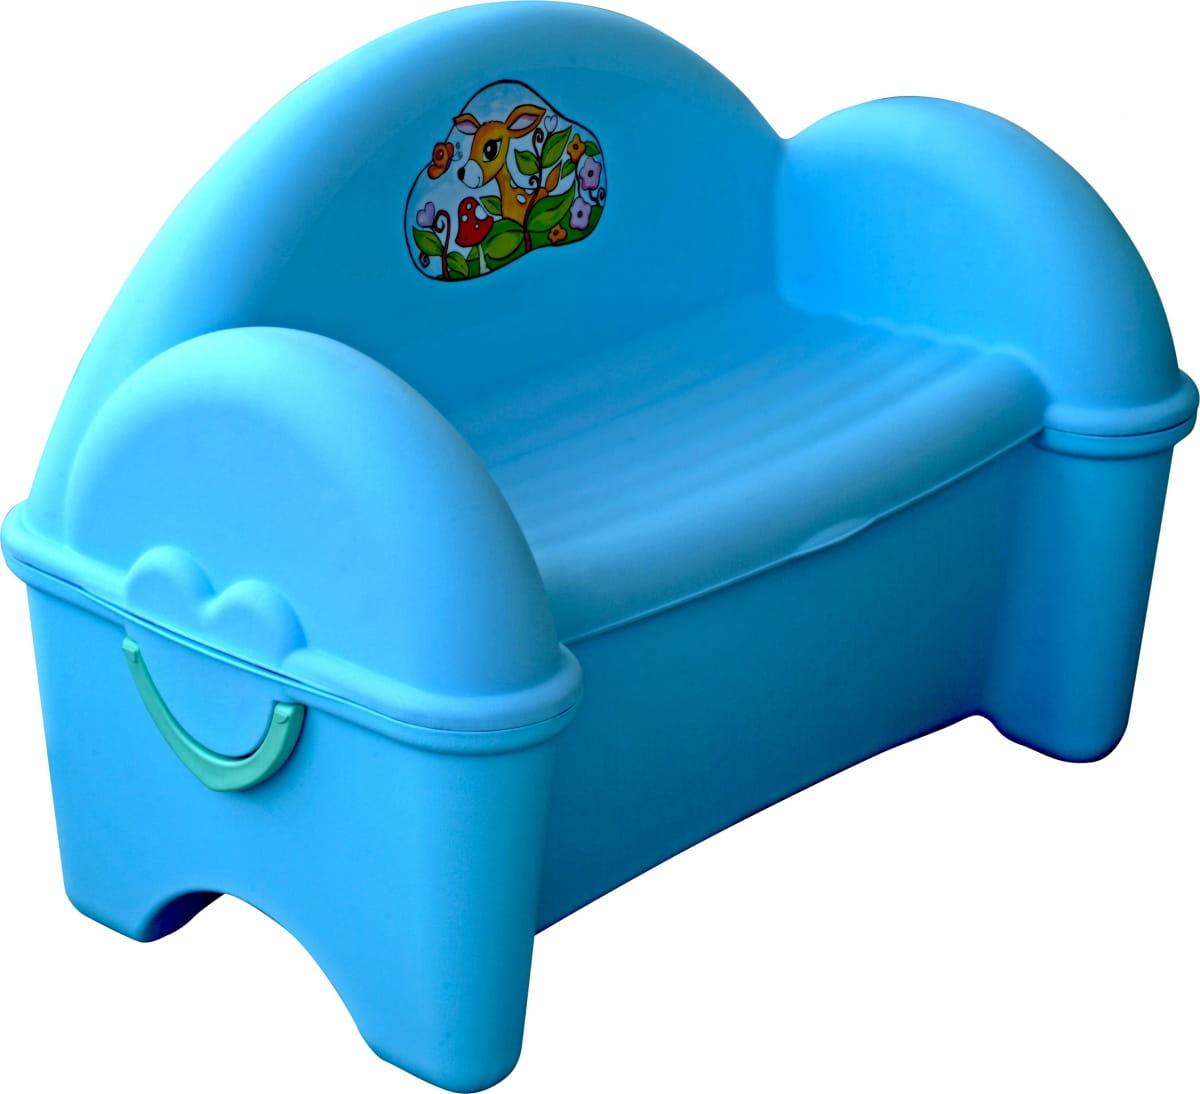 Купить Диван PalPlay с ящиком (Marian Plast) в интернет магазине игрушек и детских товаров